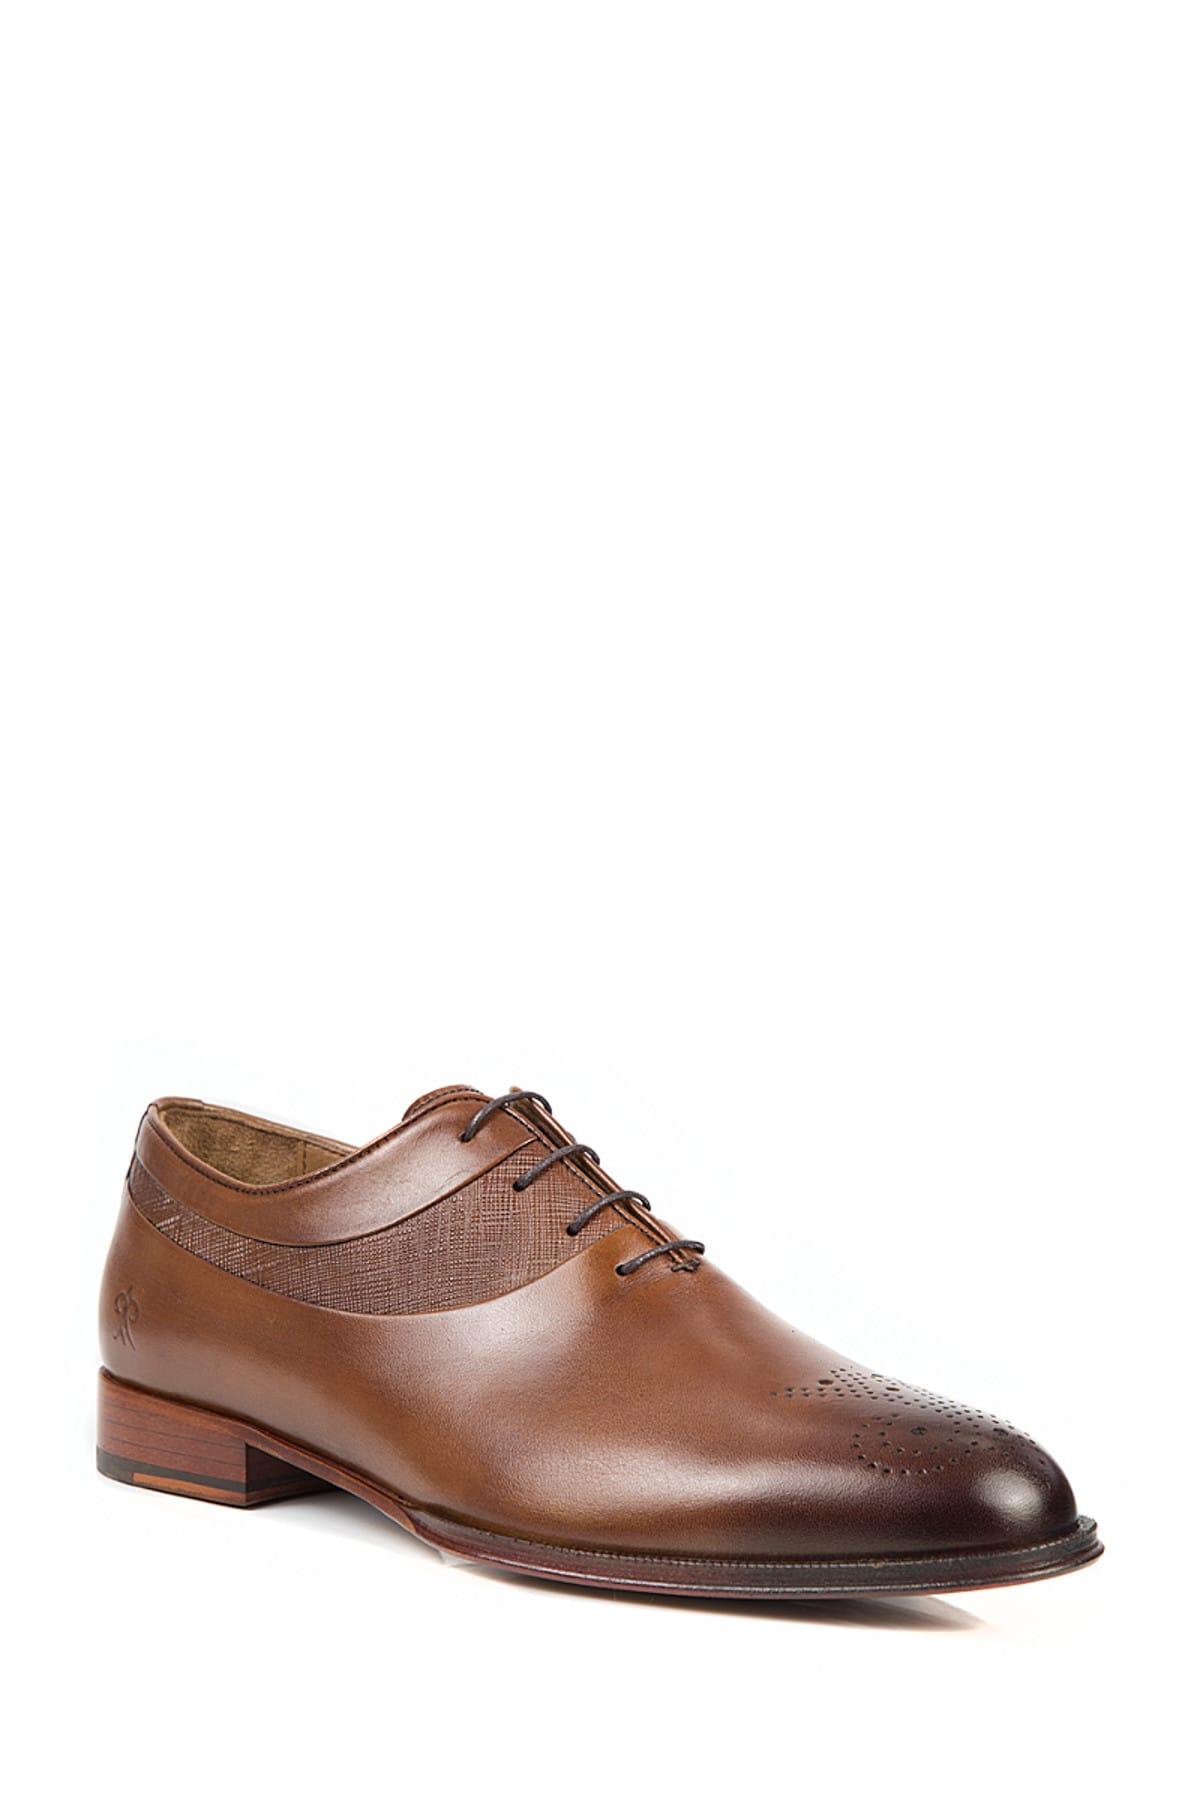 Damat Erkek  Taba Ayakkabı 2DF097780225_J01 1